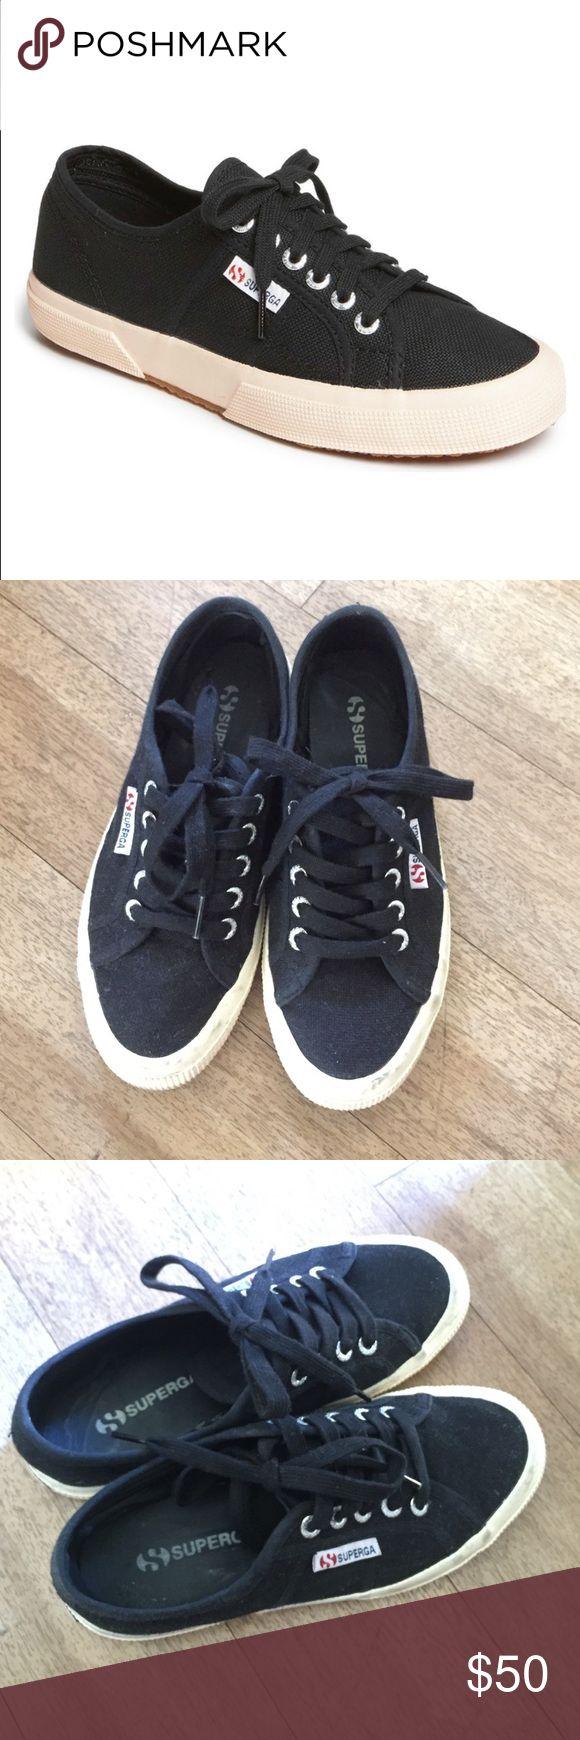 Superga black sneaker Superga black sneaker size 35 us size 5 (superga runs 1/2 size bigger) Superga Shoes Sneakers